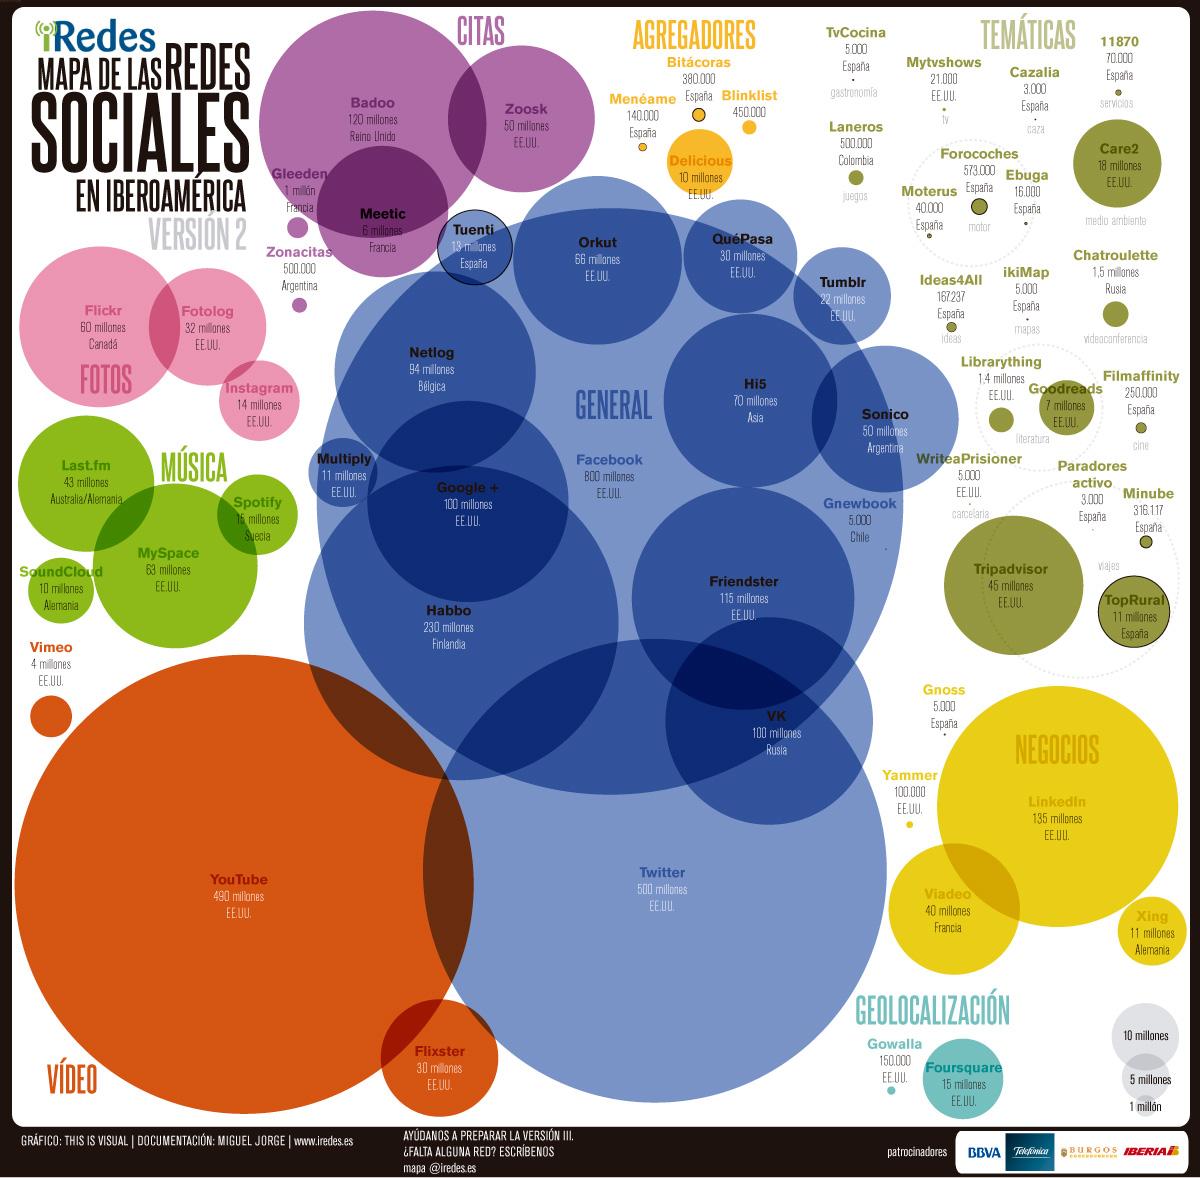 iRedes presenta la segunda versión del Mapa de las Redes Sociales